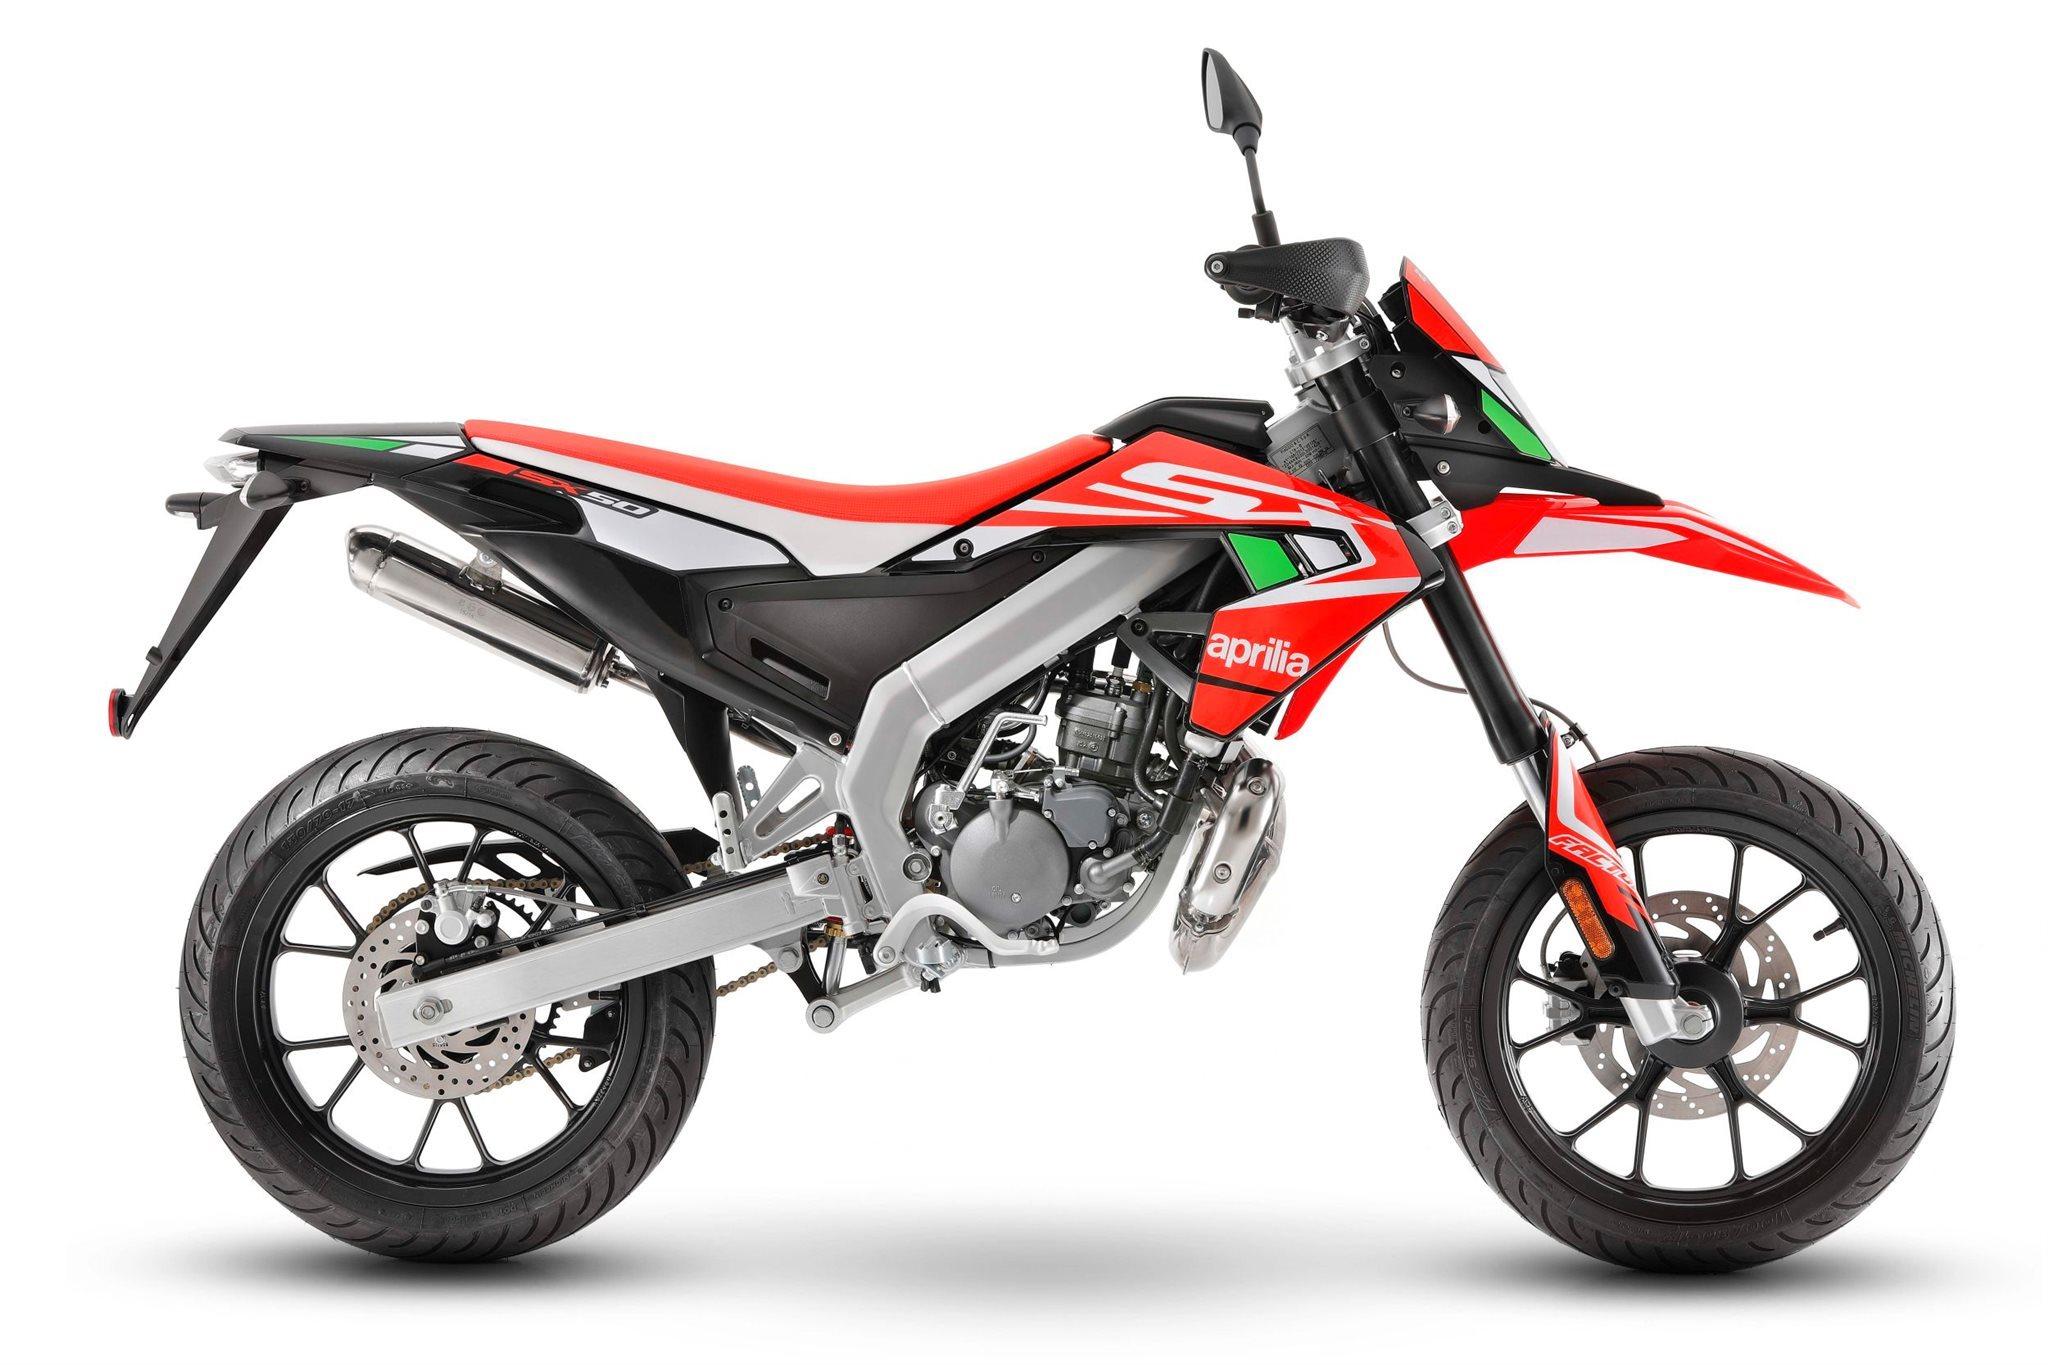 Aprilia SX 50 Supermoto Motorrad, neu